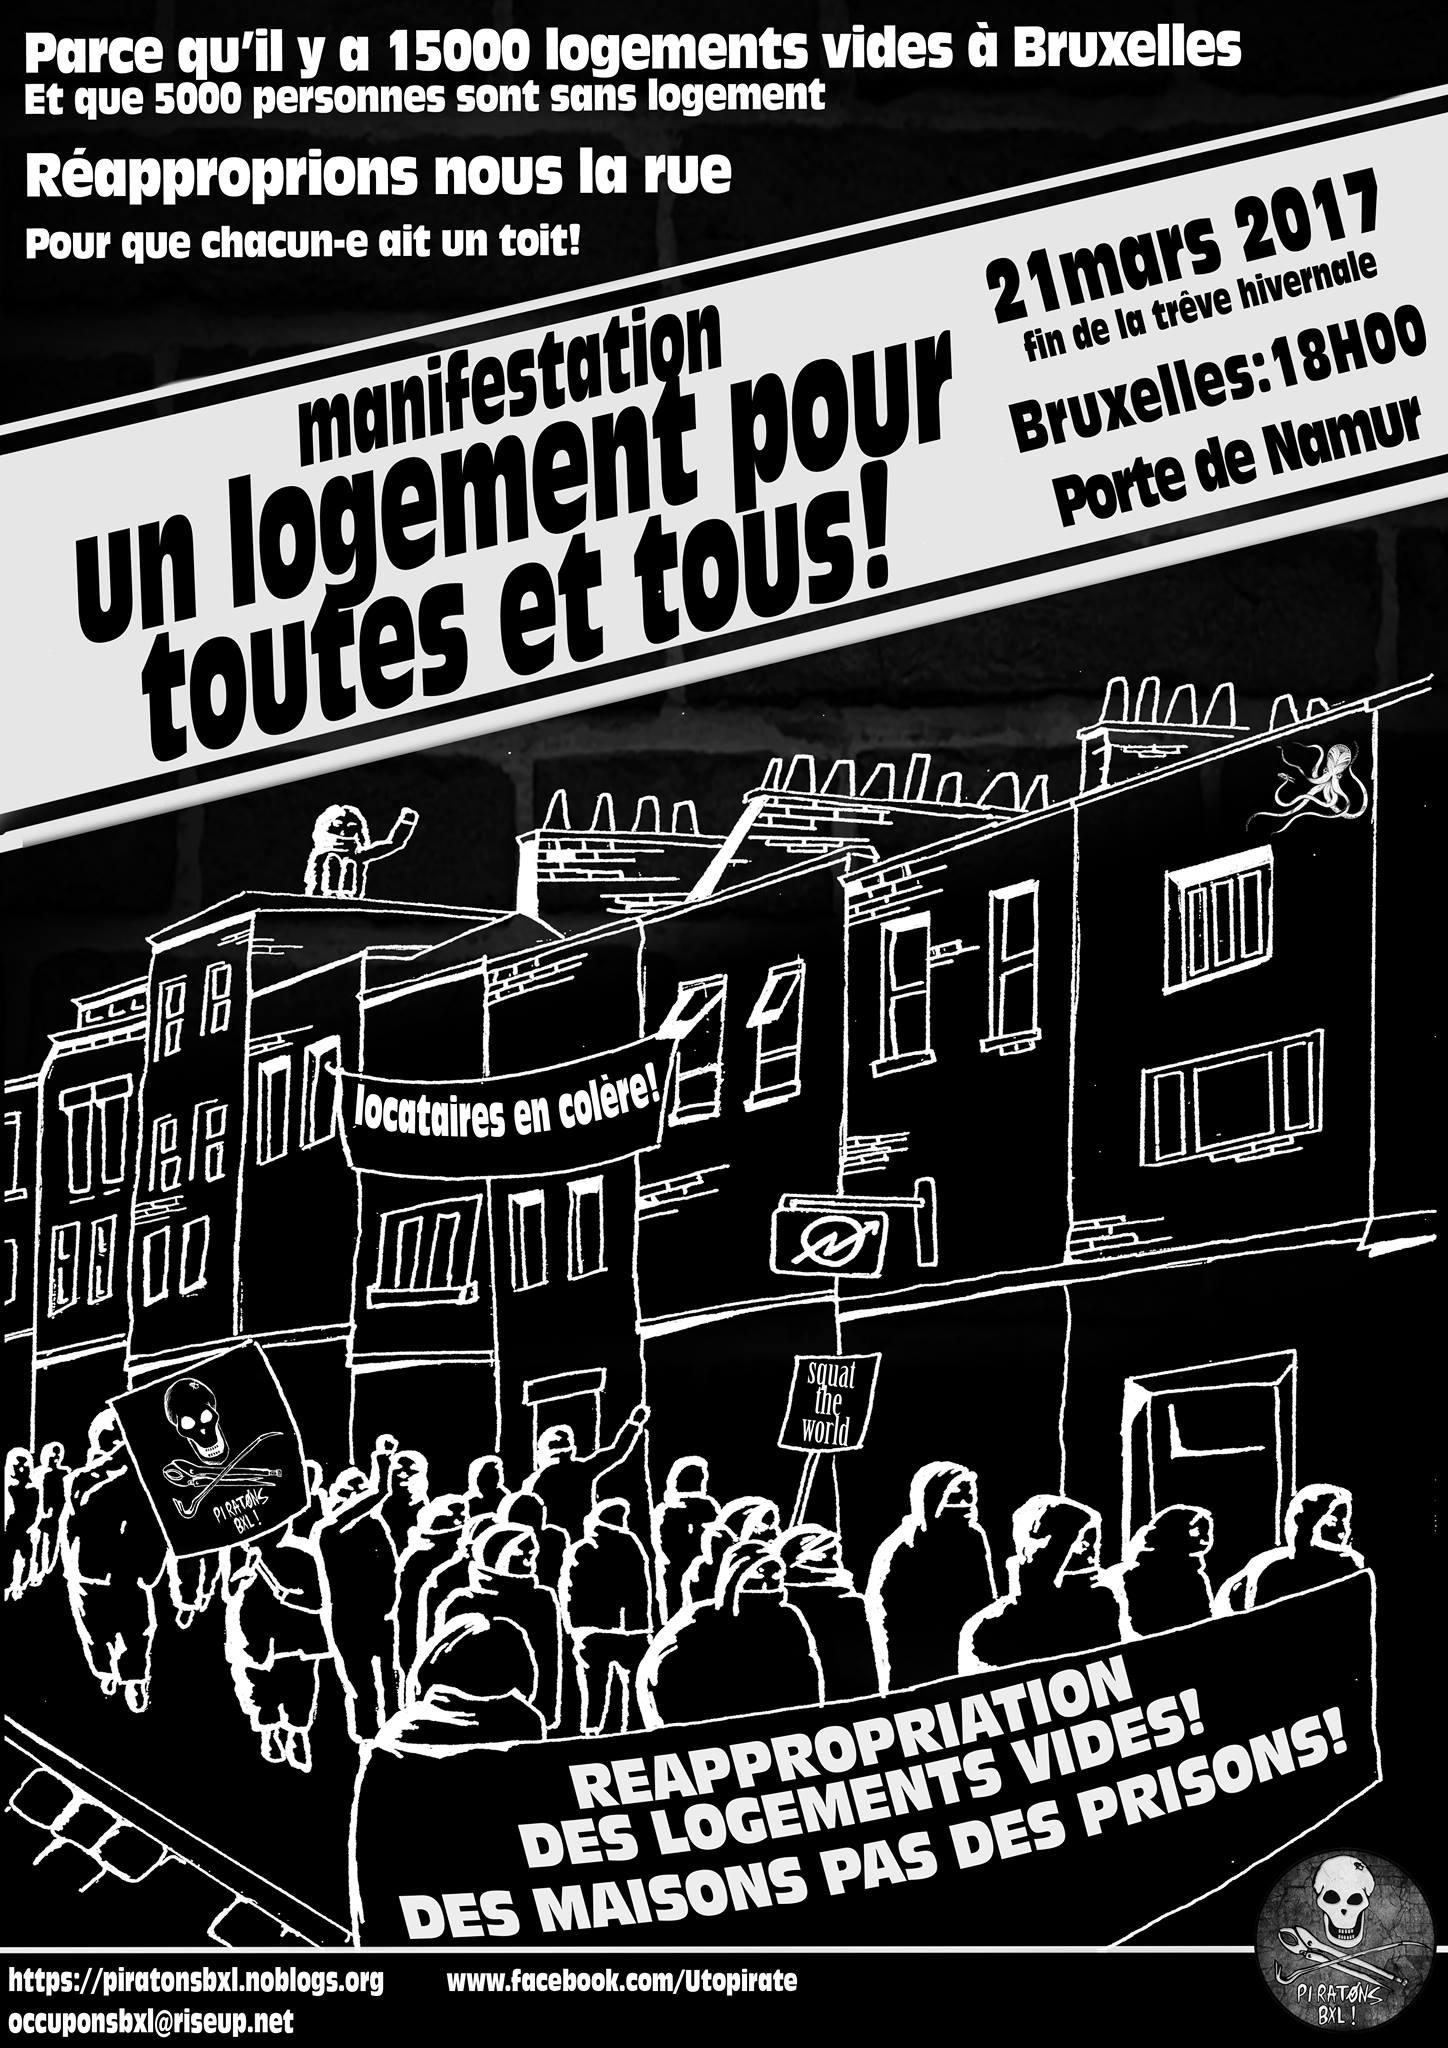 Sur le même sujet, une manifestation aura lieu ce 21 mars, Porte de Namur, à Bruxelles